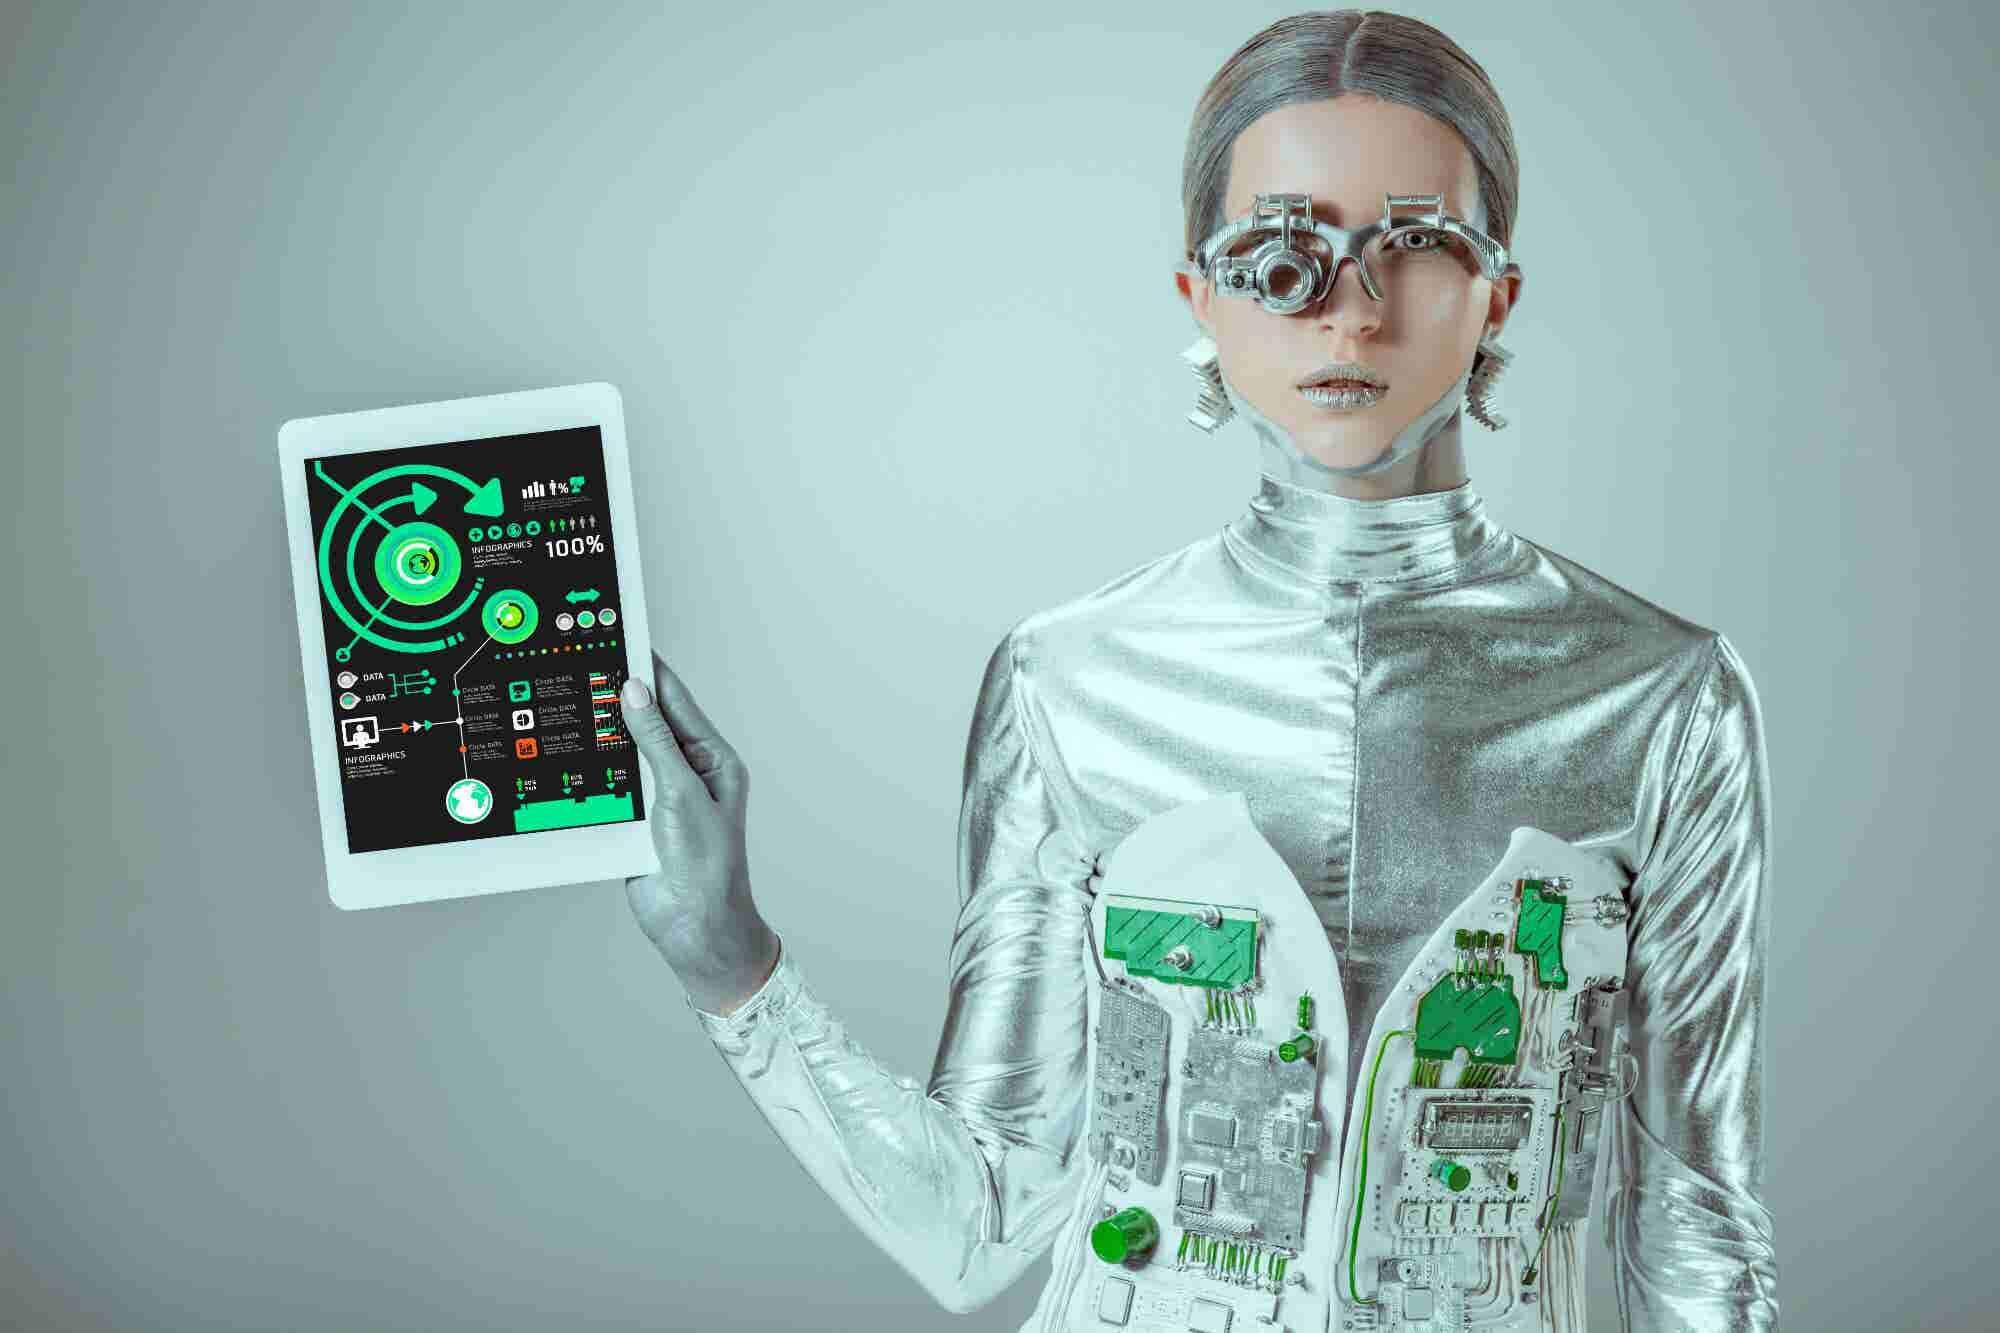 Estas son las 5 profesiones que desaparecerán por la inteligencia artificial